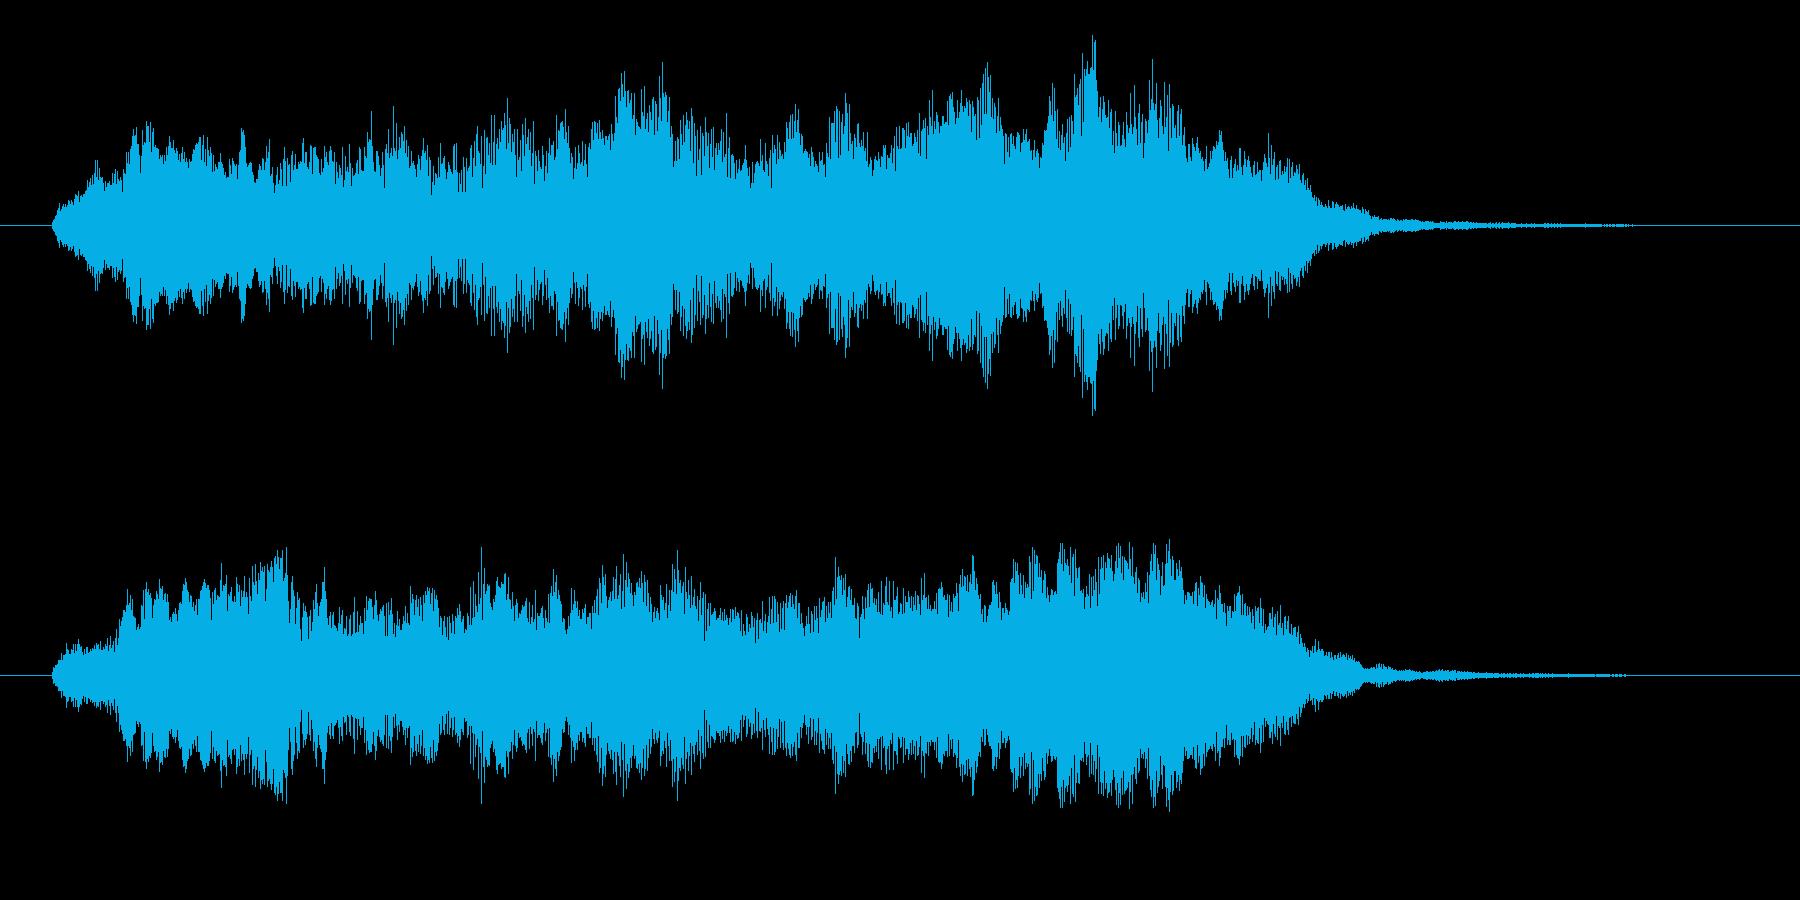 幻想的な合唱とストリングス 高音版 壮麗の再生済みの波形